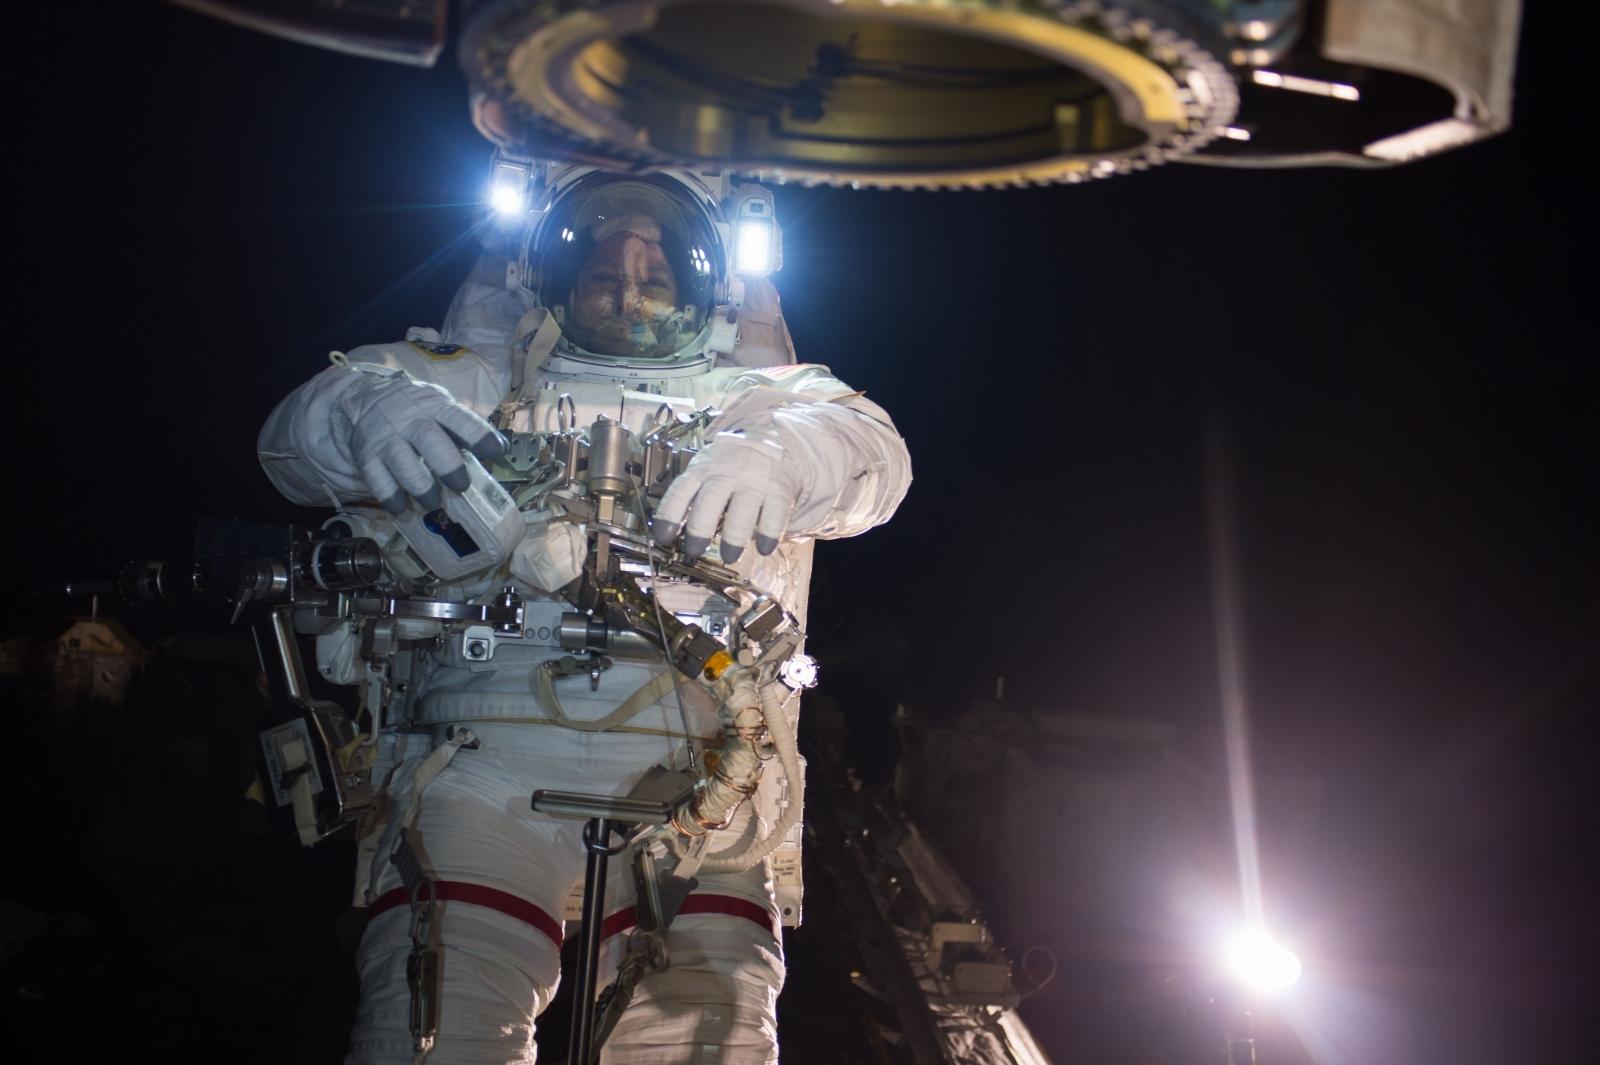 Nasa spacewalk